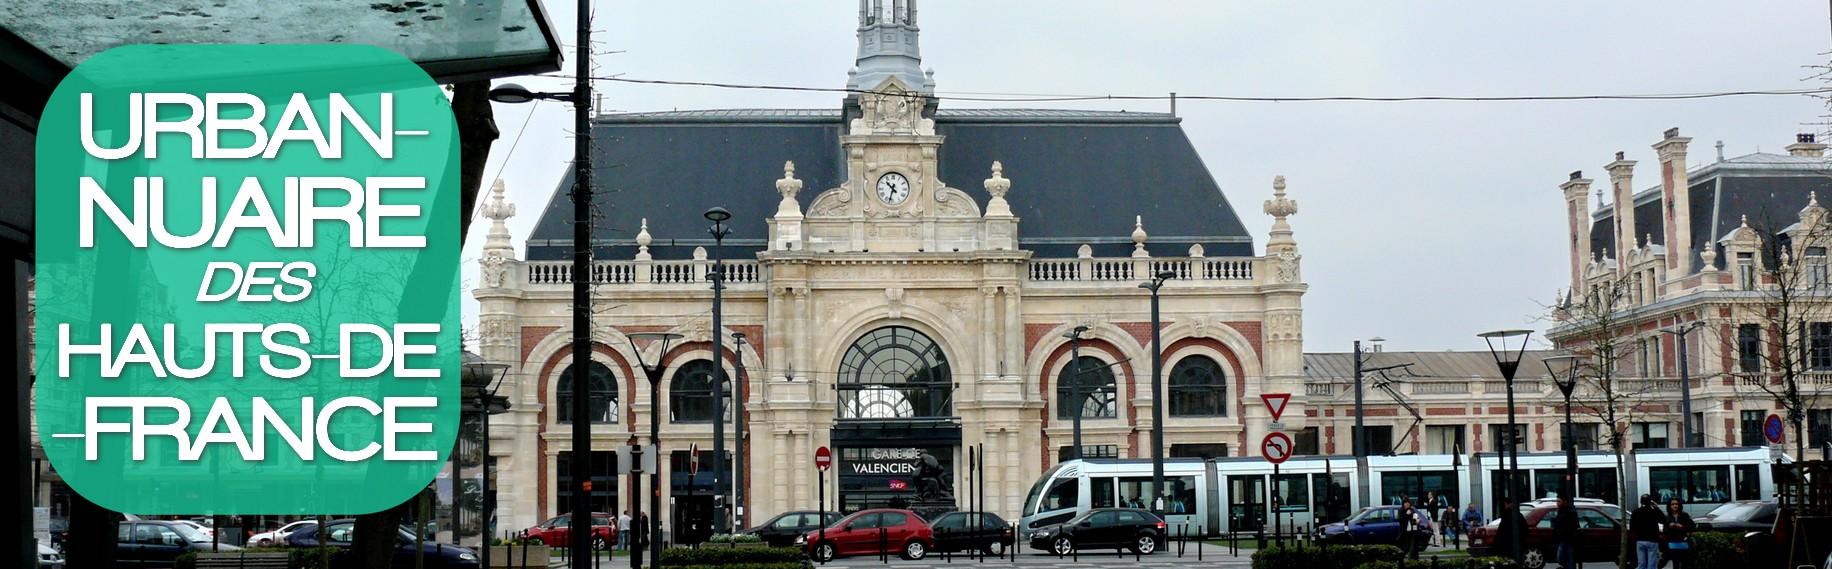 Haut l'urbanisme dans les Hauts-de-France !